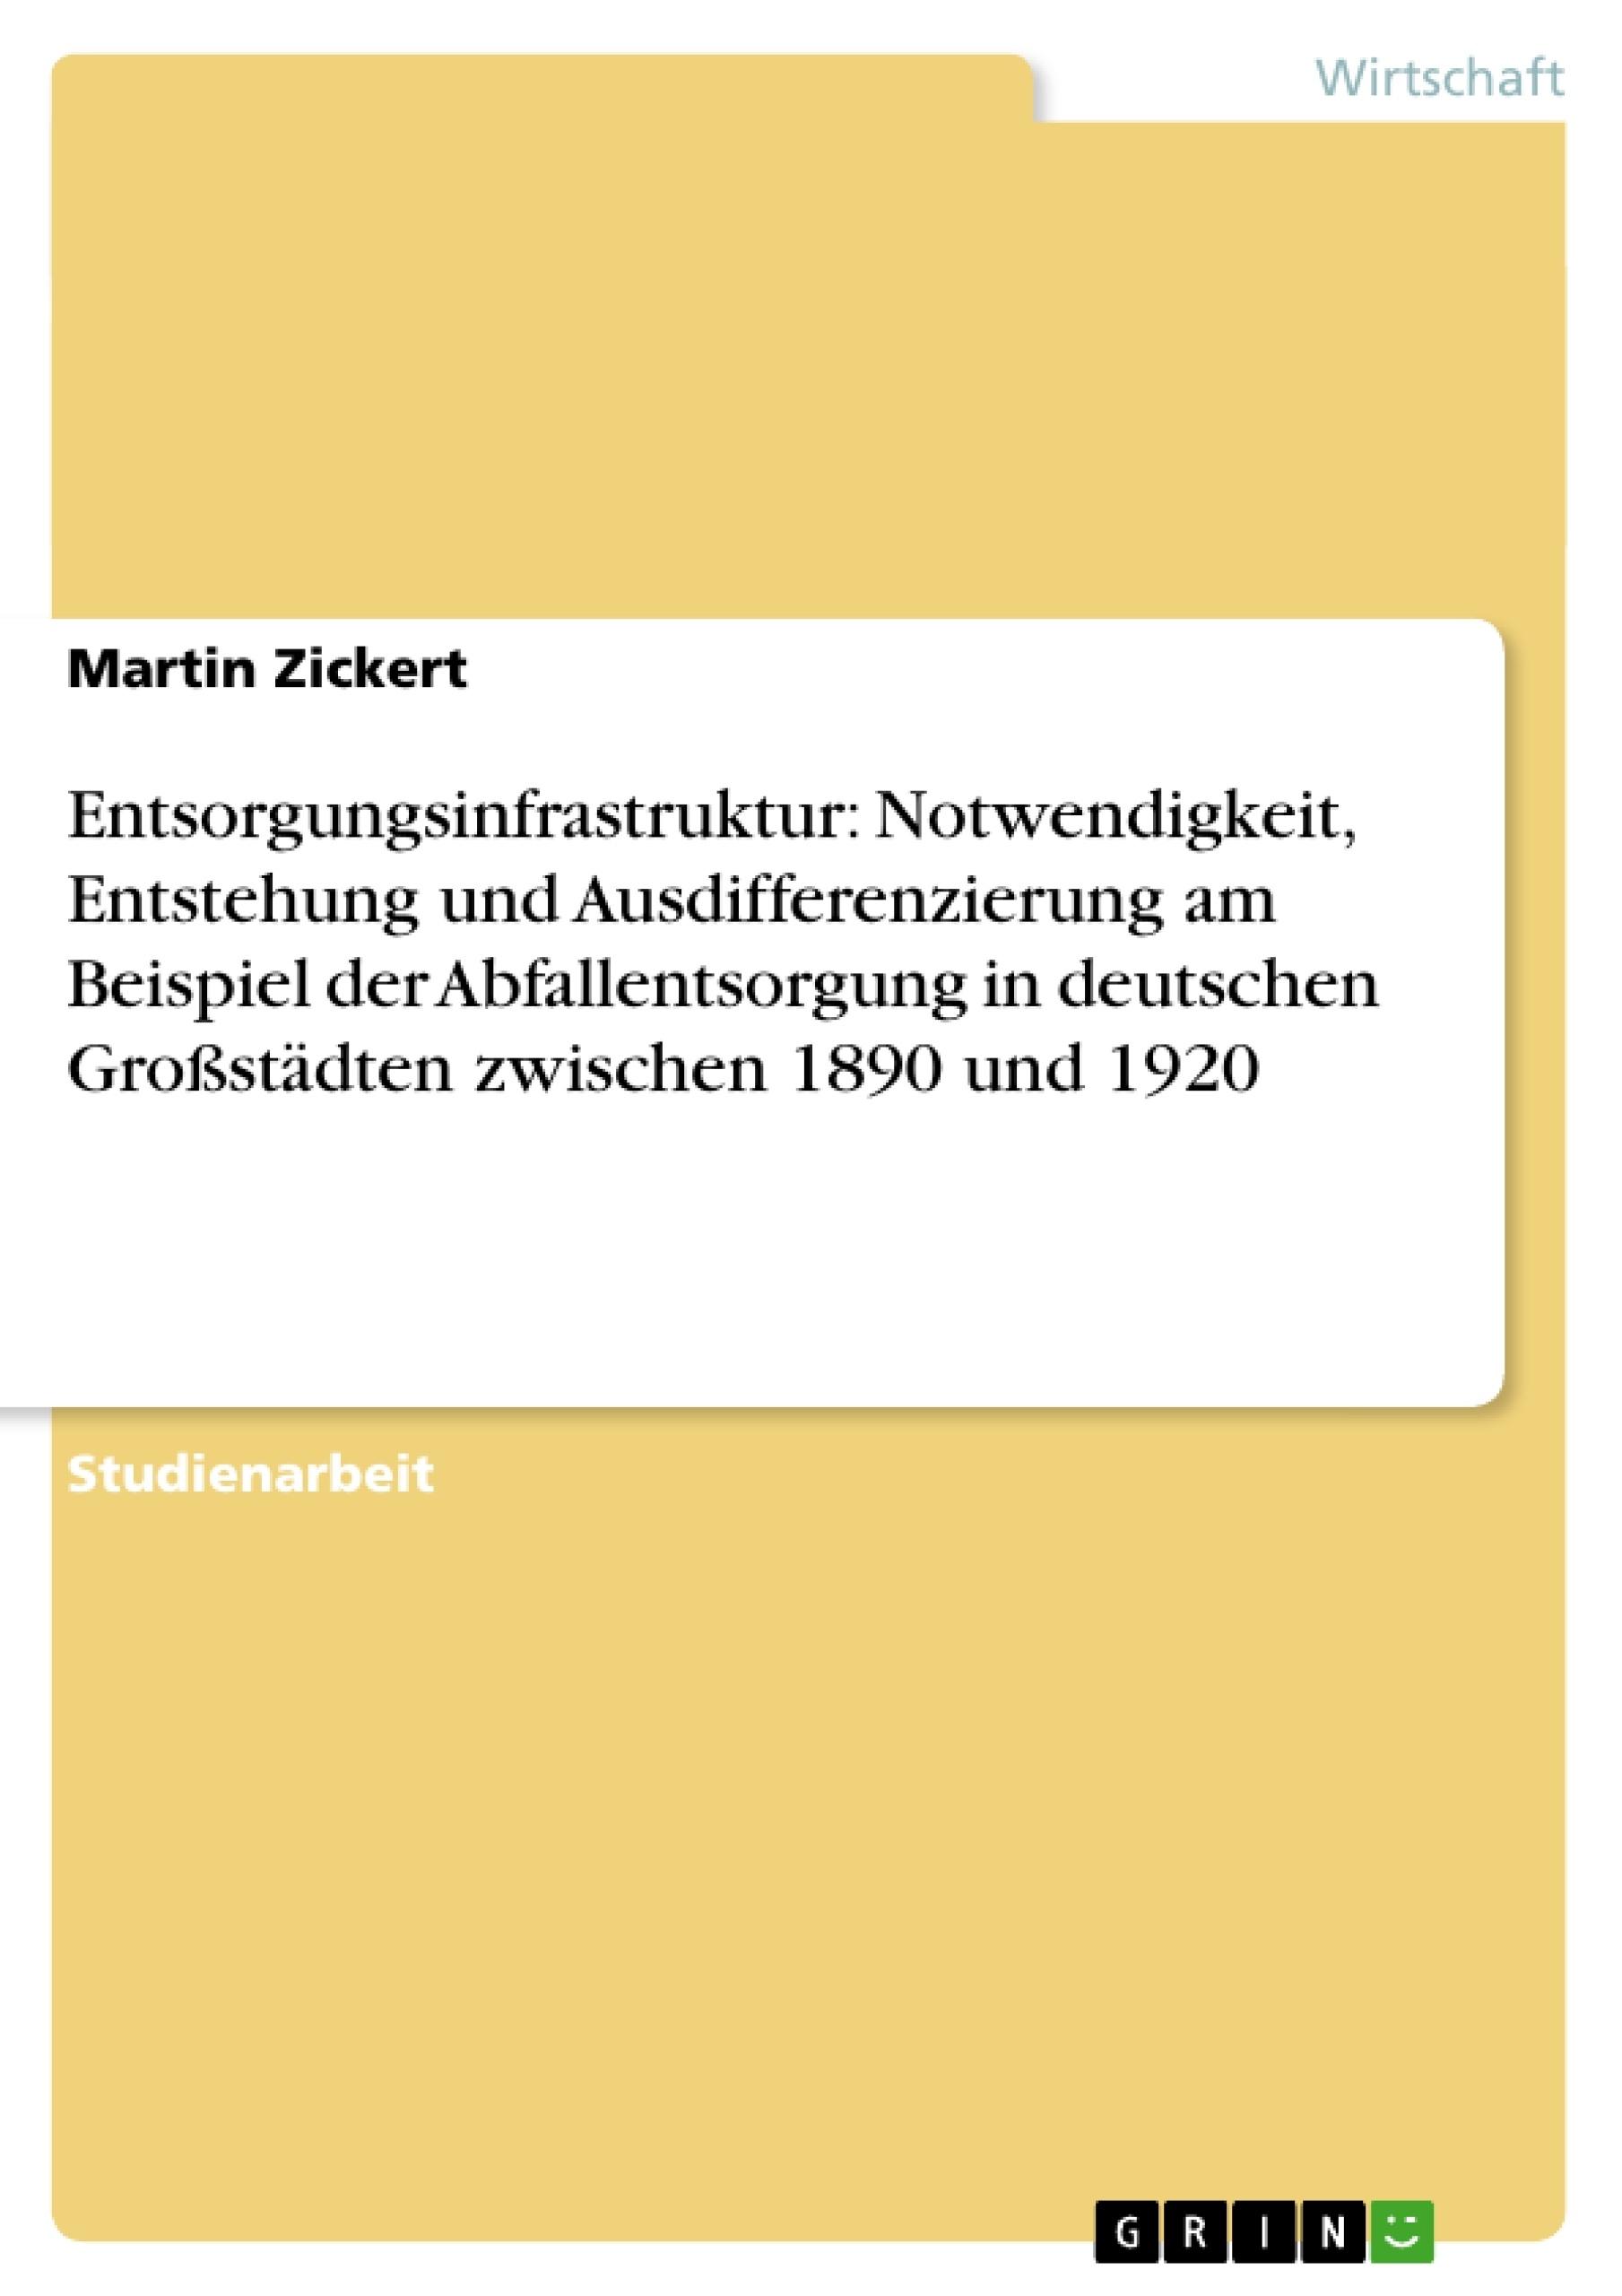 Titel: Entsorgungsinfrastruktur: Notwendigkeit, Entstehung und Ausdifferenzierung am Beispiel der Abfallentsorgung in deutschen Großstädten zwischen 1890 und 1920